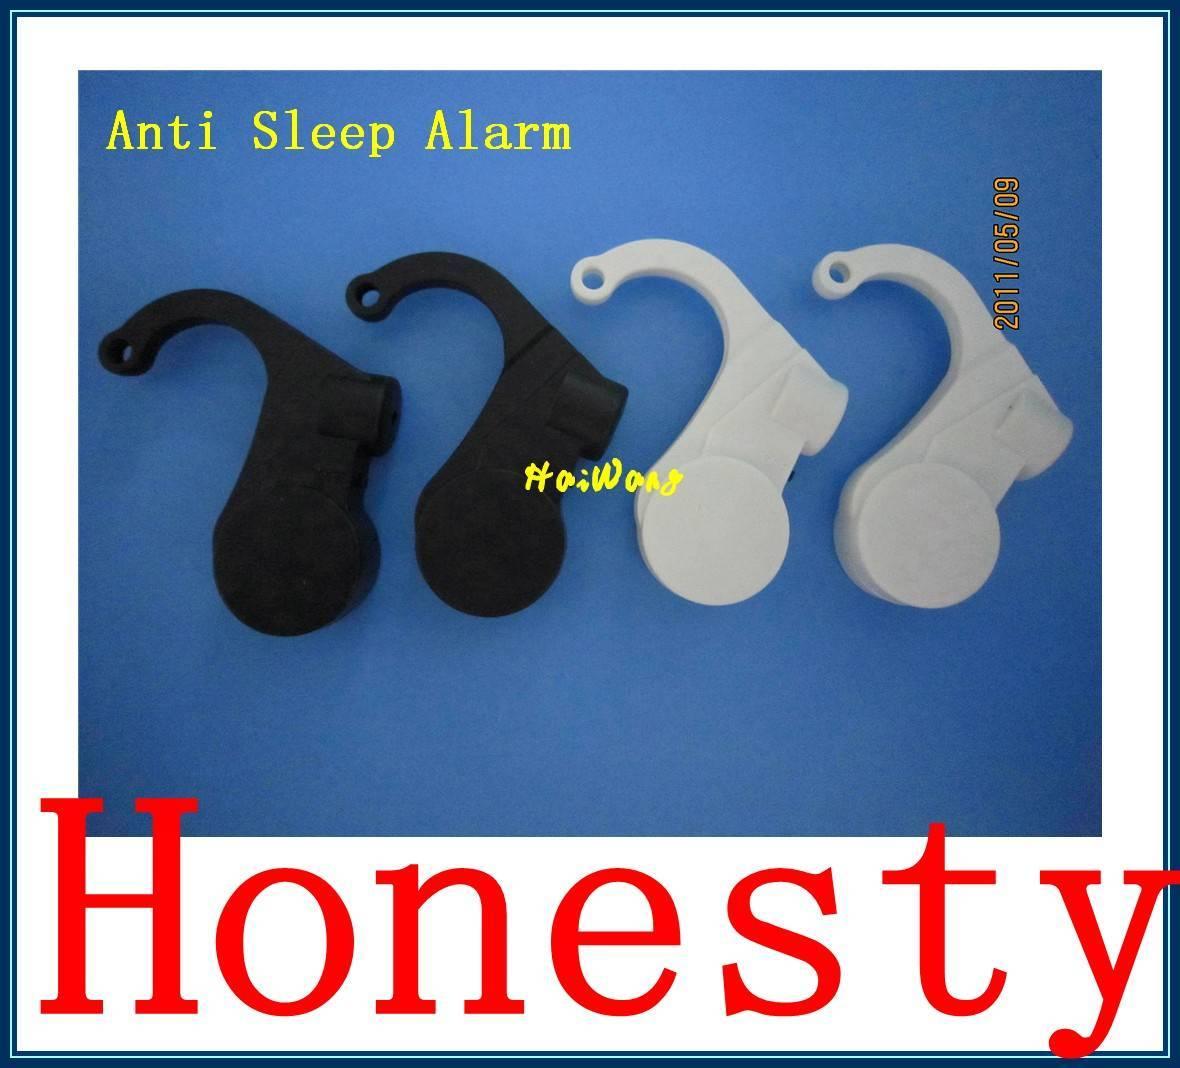 Anti sleep alarm